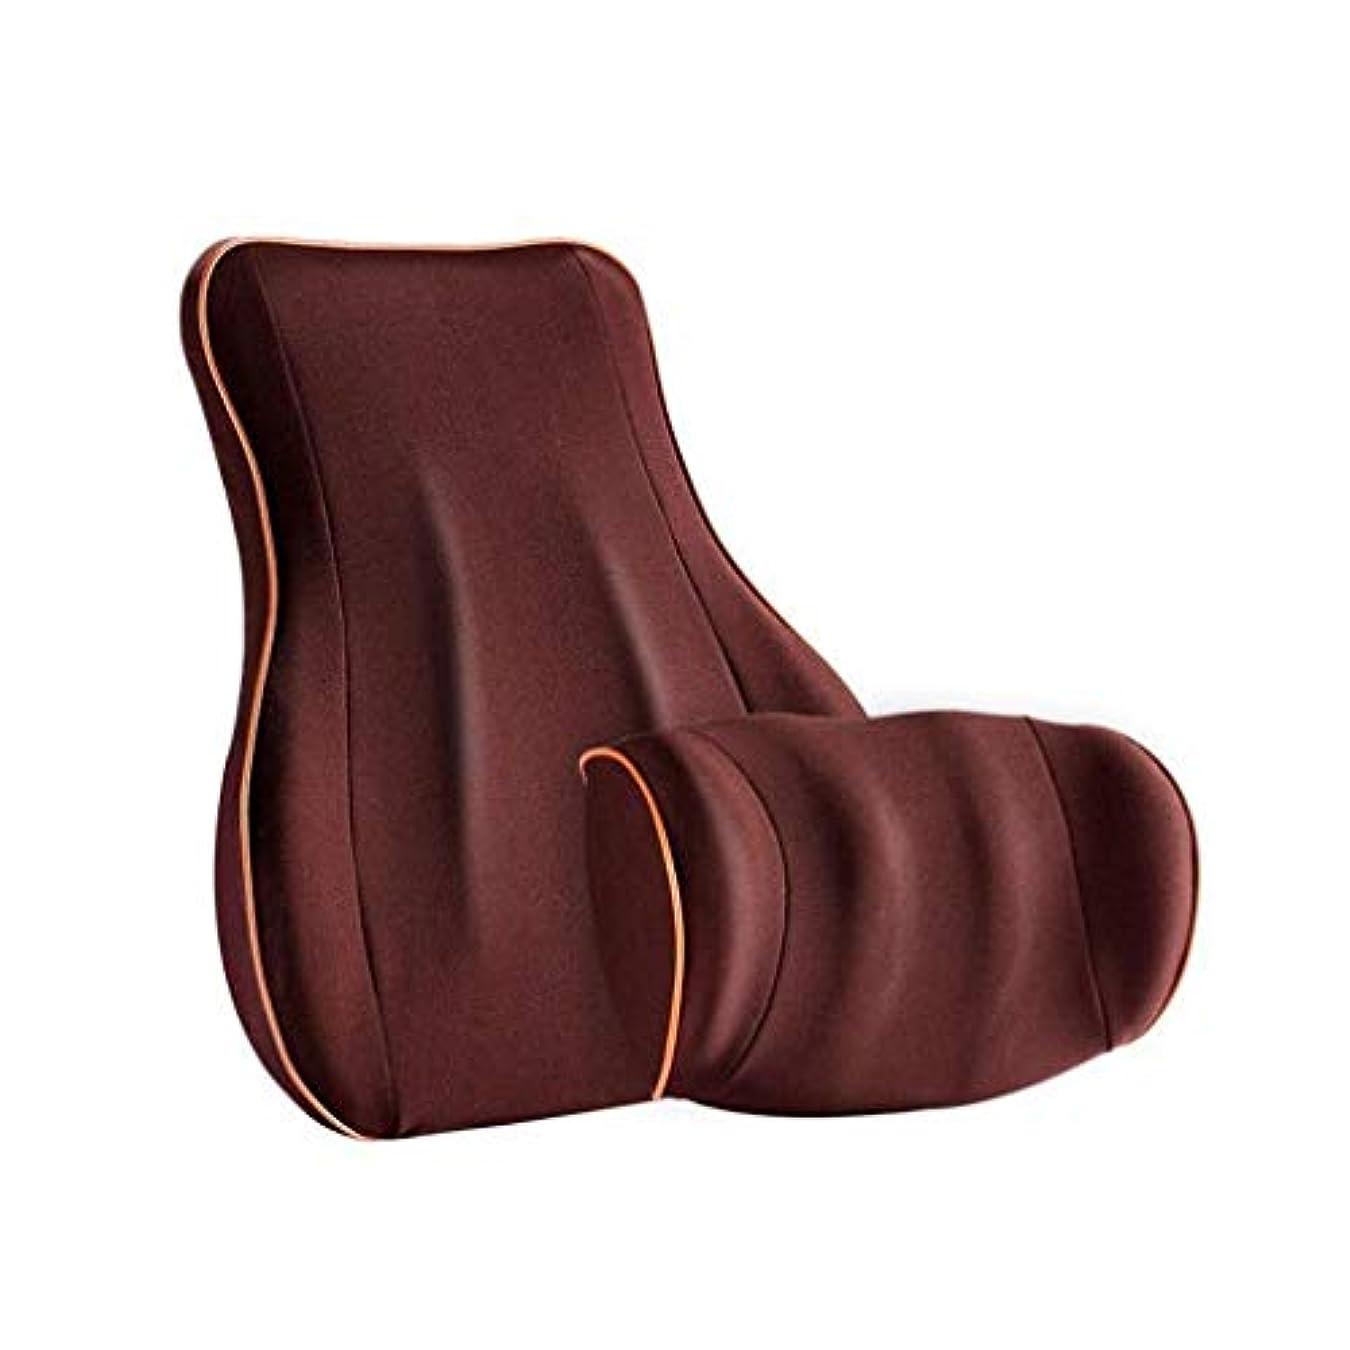 腰椎枕と首の枕、腰椎サポート枕低反発コットン、人間工学に基づいた低反発フォームのデザイン、腰と首の疲れや痛みを軽減?防止する、長距離運転オフィスに最適 (Color : Brown)